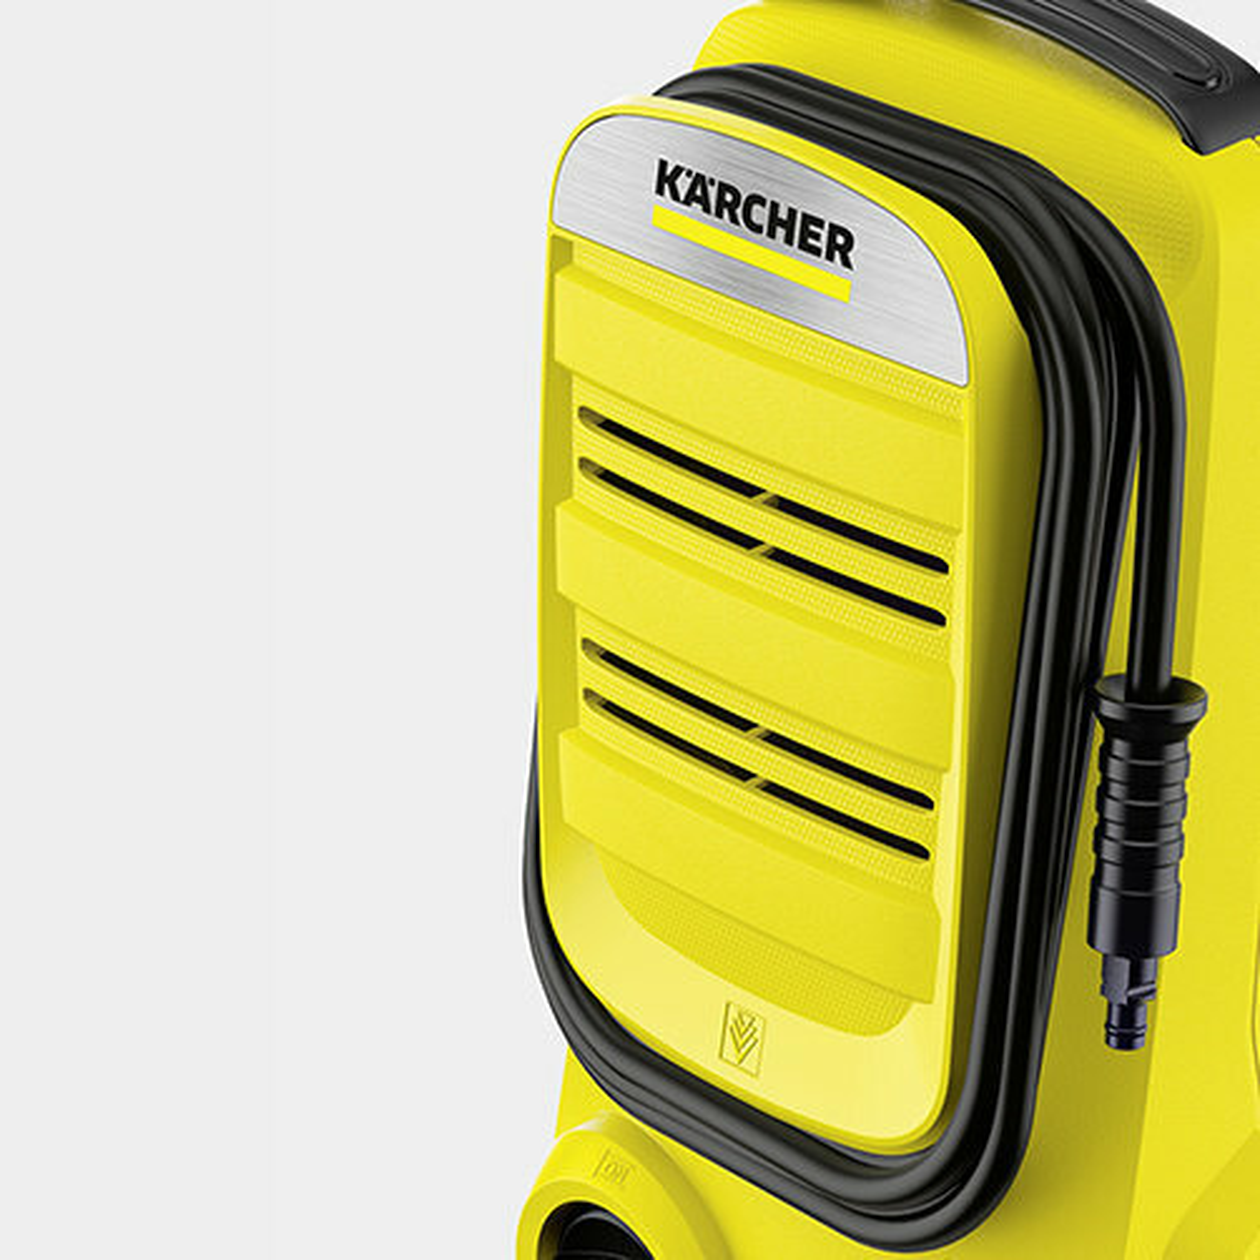 Urządzenie wysokociśnieniowe K 2 Compact Home: Przechowywanie węża wysokociśnieniowego na obudowie